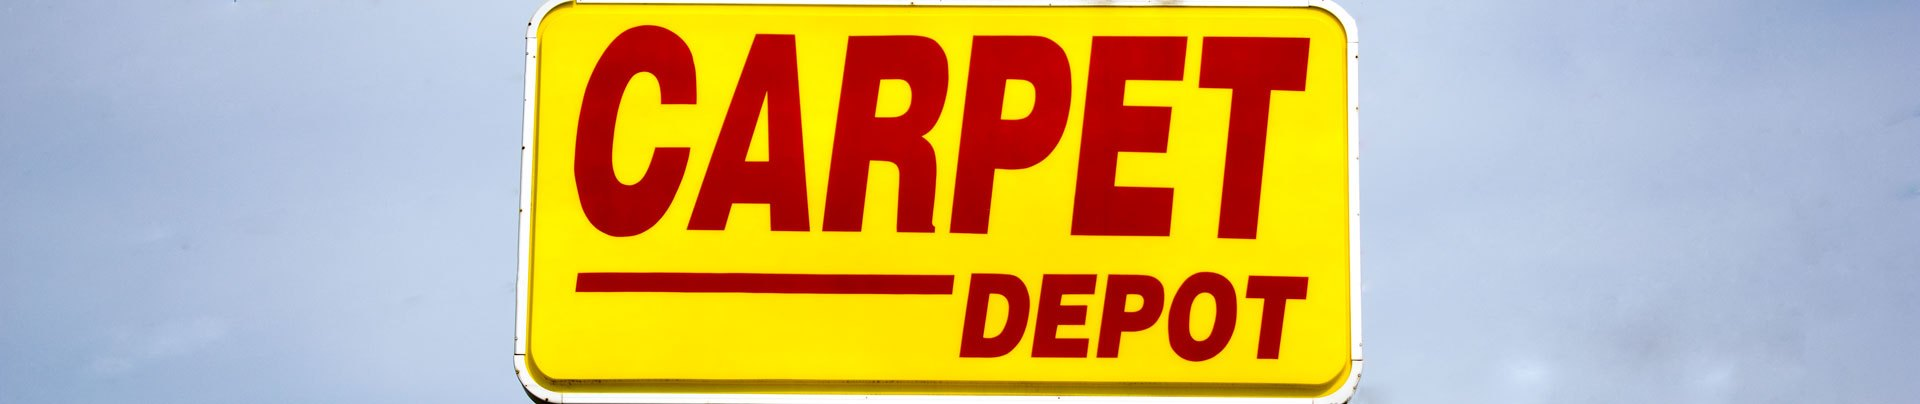 carpet depot jonesboro ga